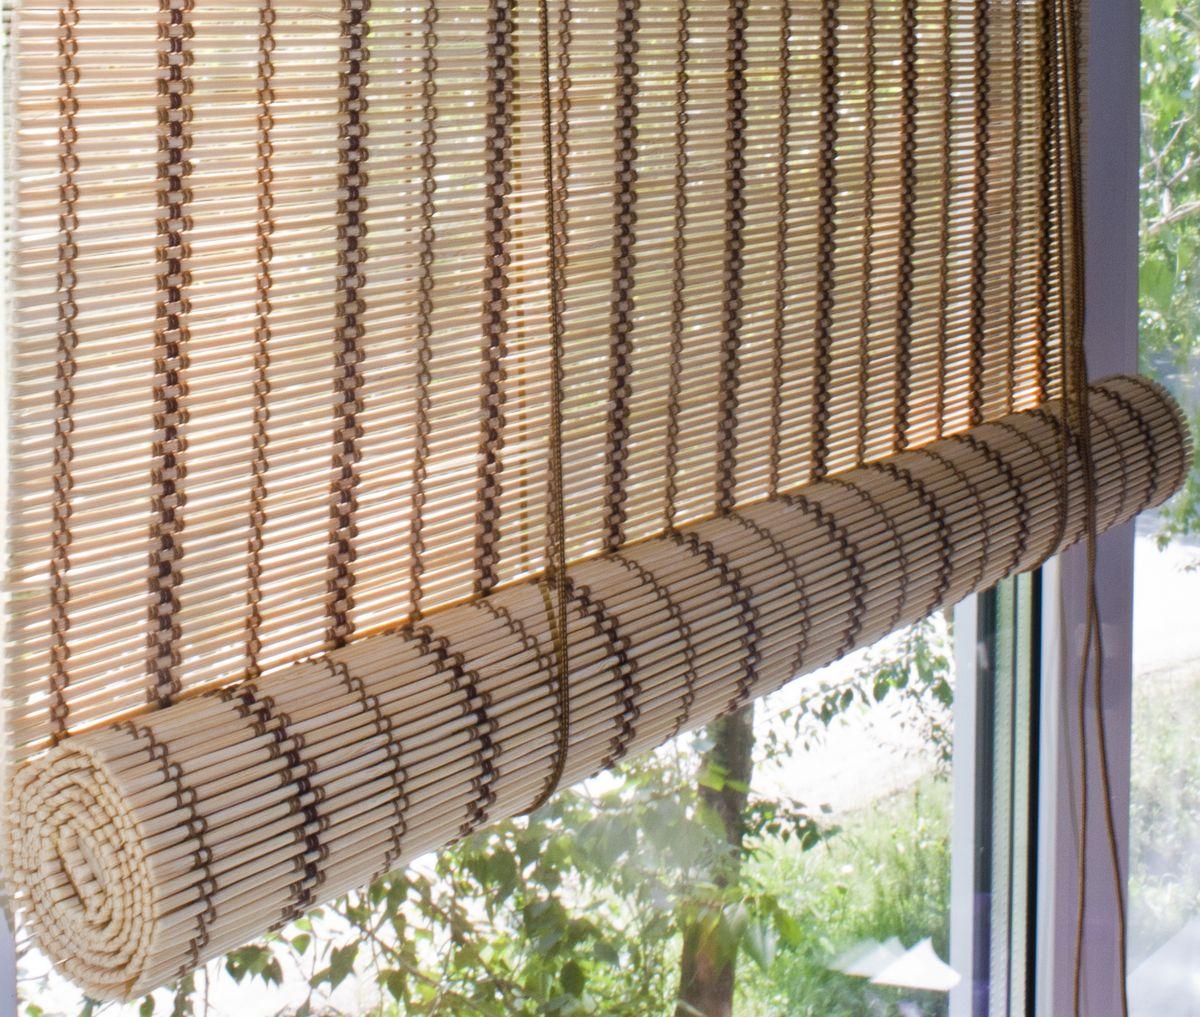 Штора рулонная Эскар Бамбук, цвет: песочный, ширина 80 см, высота 160 см012H1800При оформлении интерьера современных помещений многие отдают предпочтение природным материалам. Штора рулонная Эскар Бамбук - одно из натуральных изделий, способное сделать атмосферу помещения более уютной и в то же время необычной. Свойства бамбука уникальны: он экологически чист, так как быстро вырастает, благодаря чему не успевает накопить вредные вещества из окружающей среды. Кроме того, растение обладает противомикробным и антибактериальным действием. Занавеси из бамбука безопасно использовать в помещениях, где находятся новорожденные дети и люди, склонные к аллергии. Они незаменимы для тех, кто заботится о своем здоровье и уделяет внимание высокому уровню жизни.